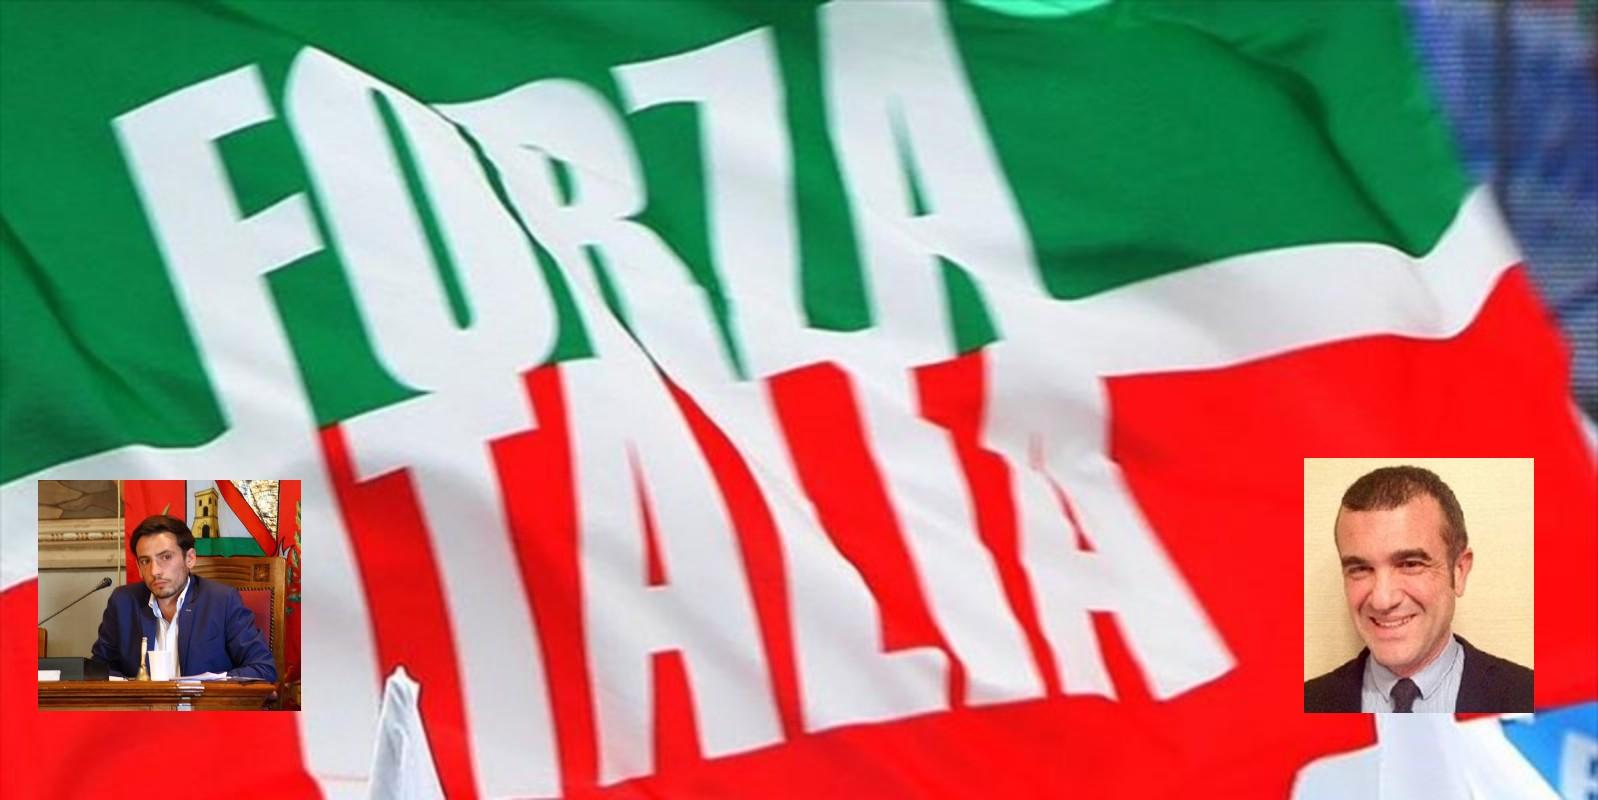 Piena intesa tra Spinelli e De Sarro, Forza Italia apre una sede a Lamezia